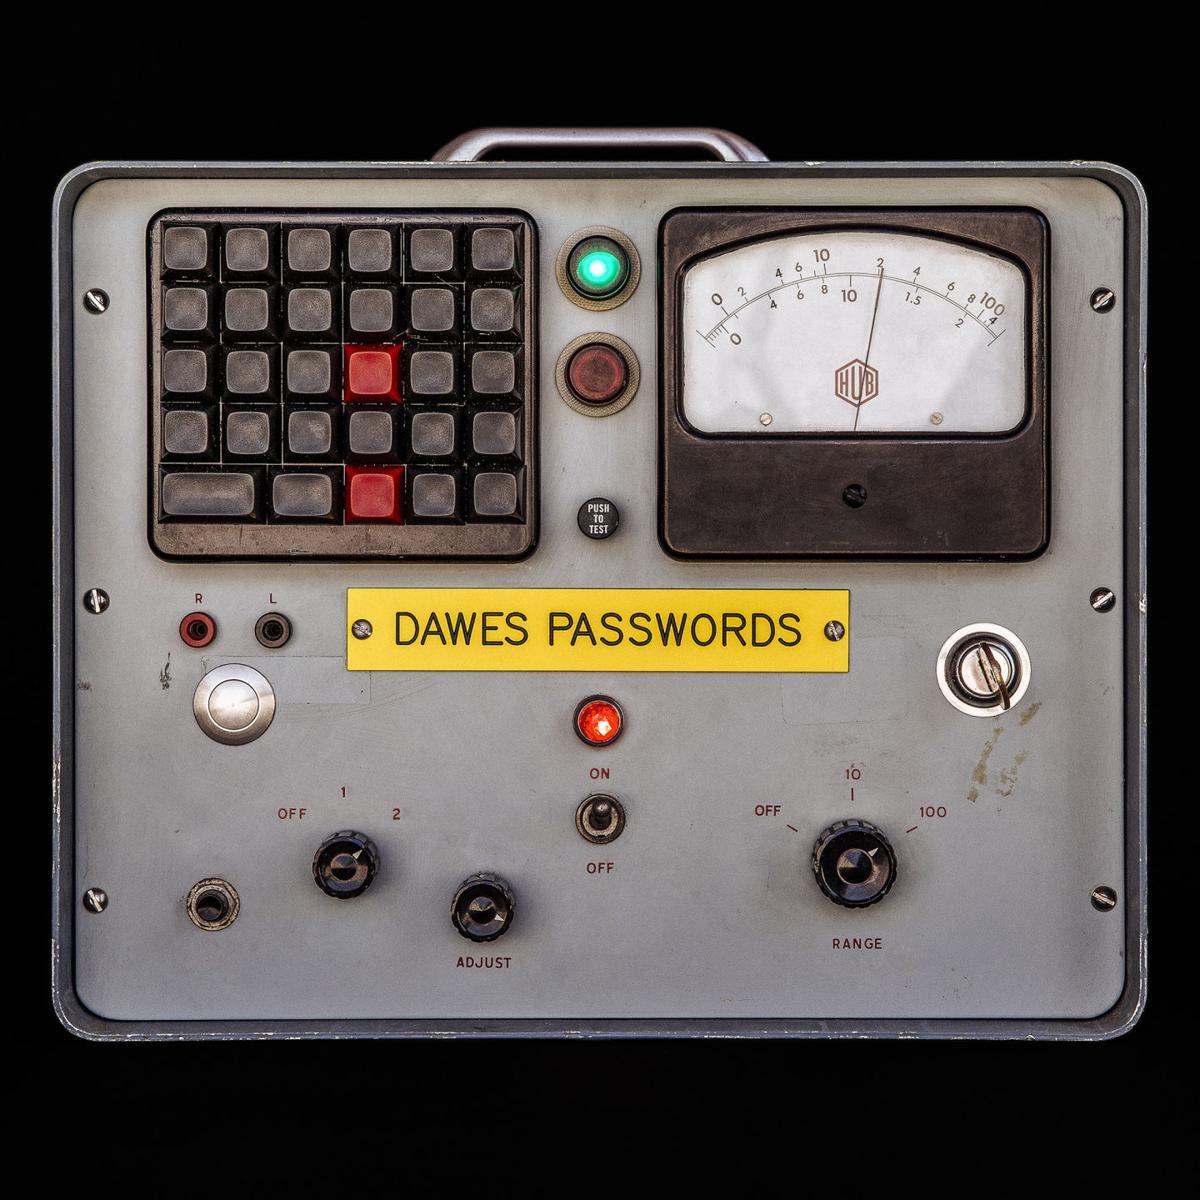 DAWES-PASSWORDS-COVER-2000x2000.jpg